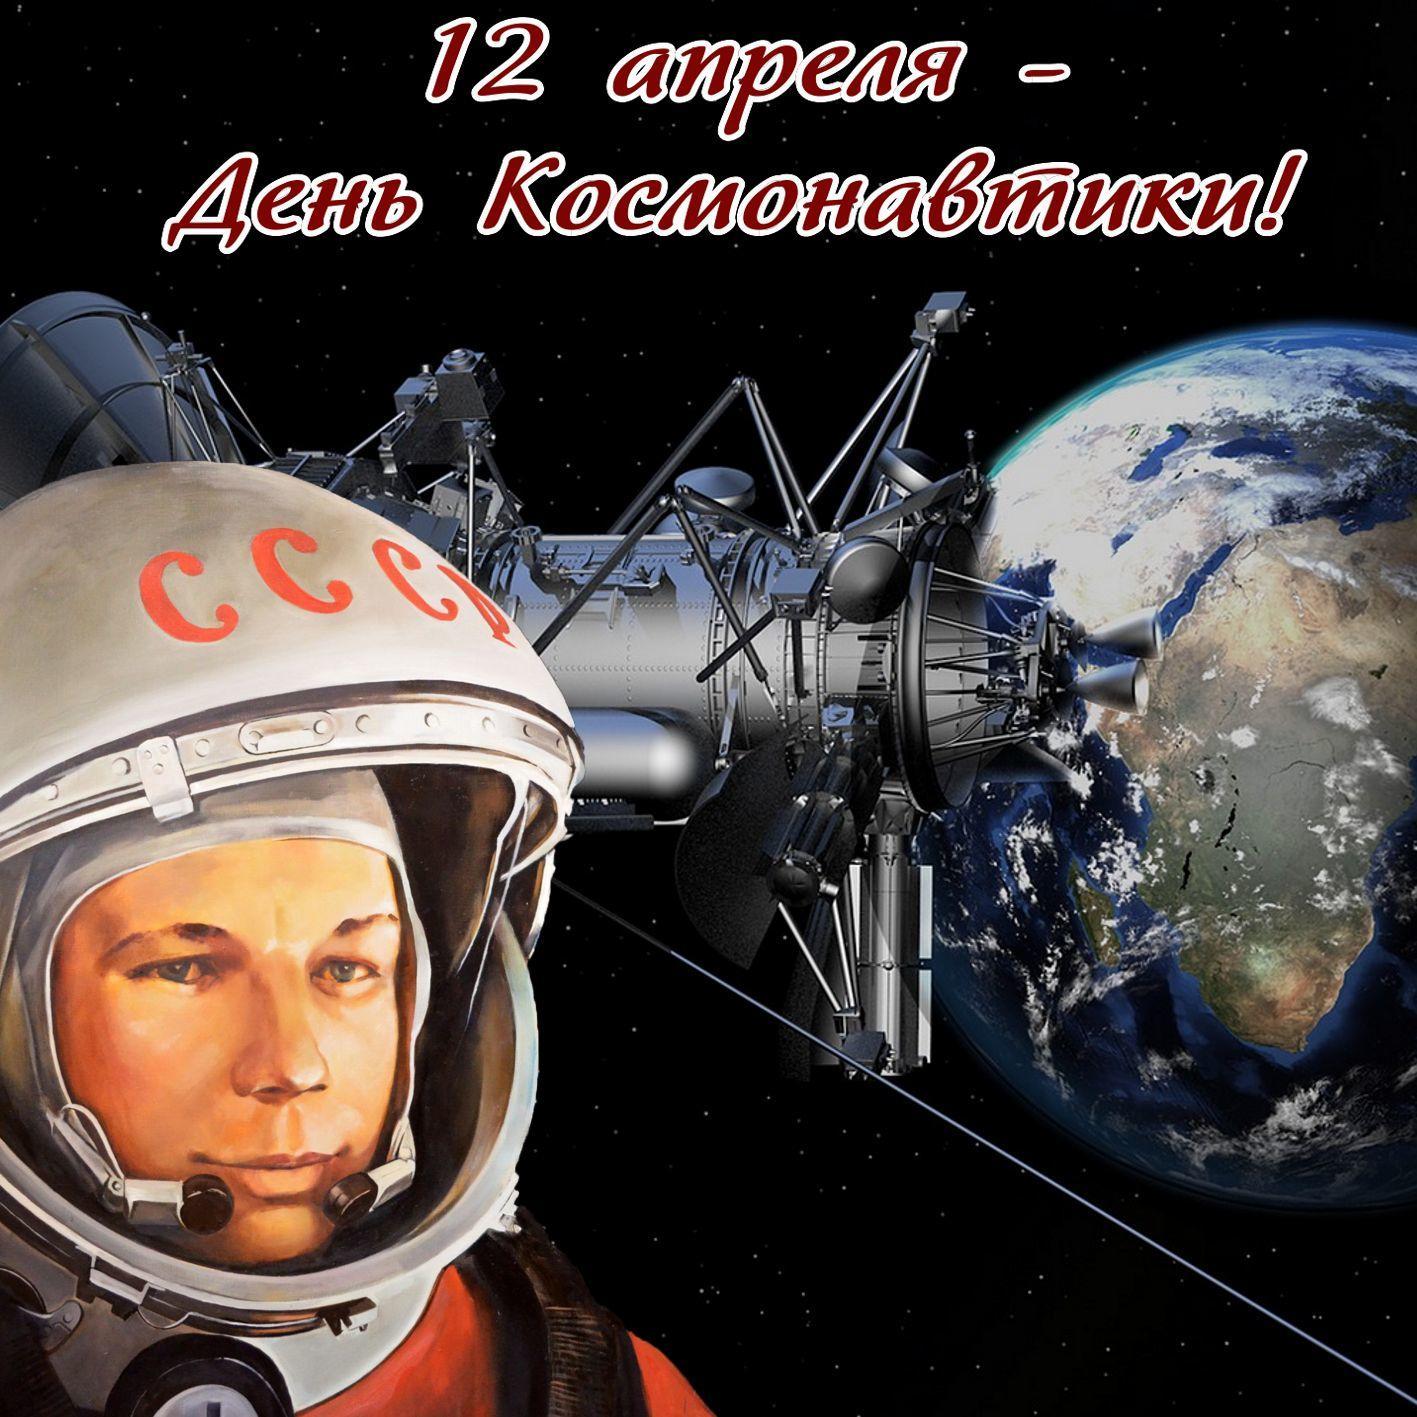 смотреть картинки с днем космонавтики предварительной версии причиной